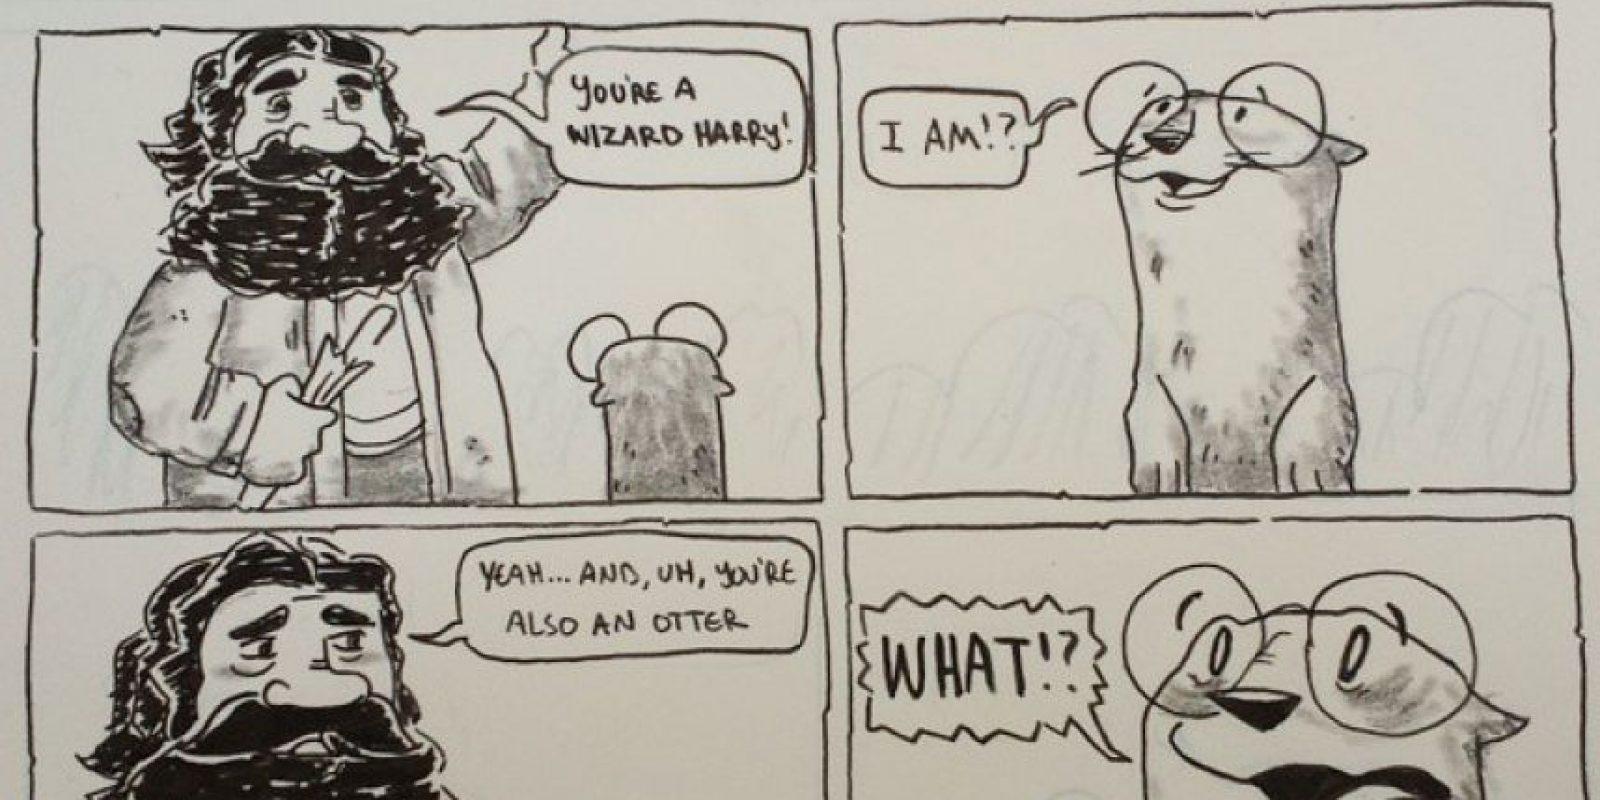 """(Potter cambia por """"otter"""", que significa nutria): """"Un pequeño niño descubre quién (y qué) es. Comienza la magia"""". Foto:AustinDLight vía Imgur"""